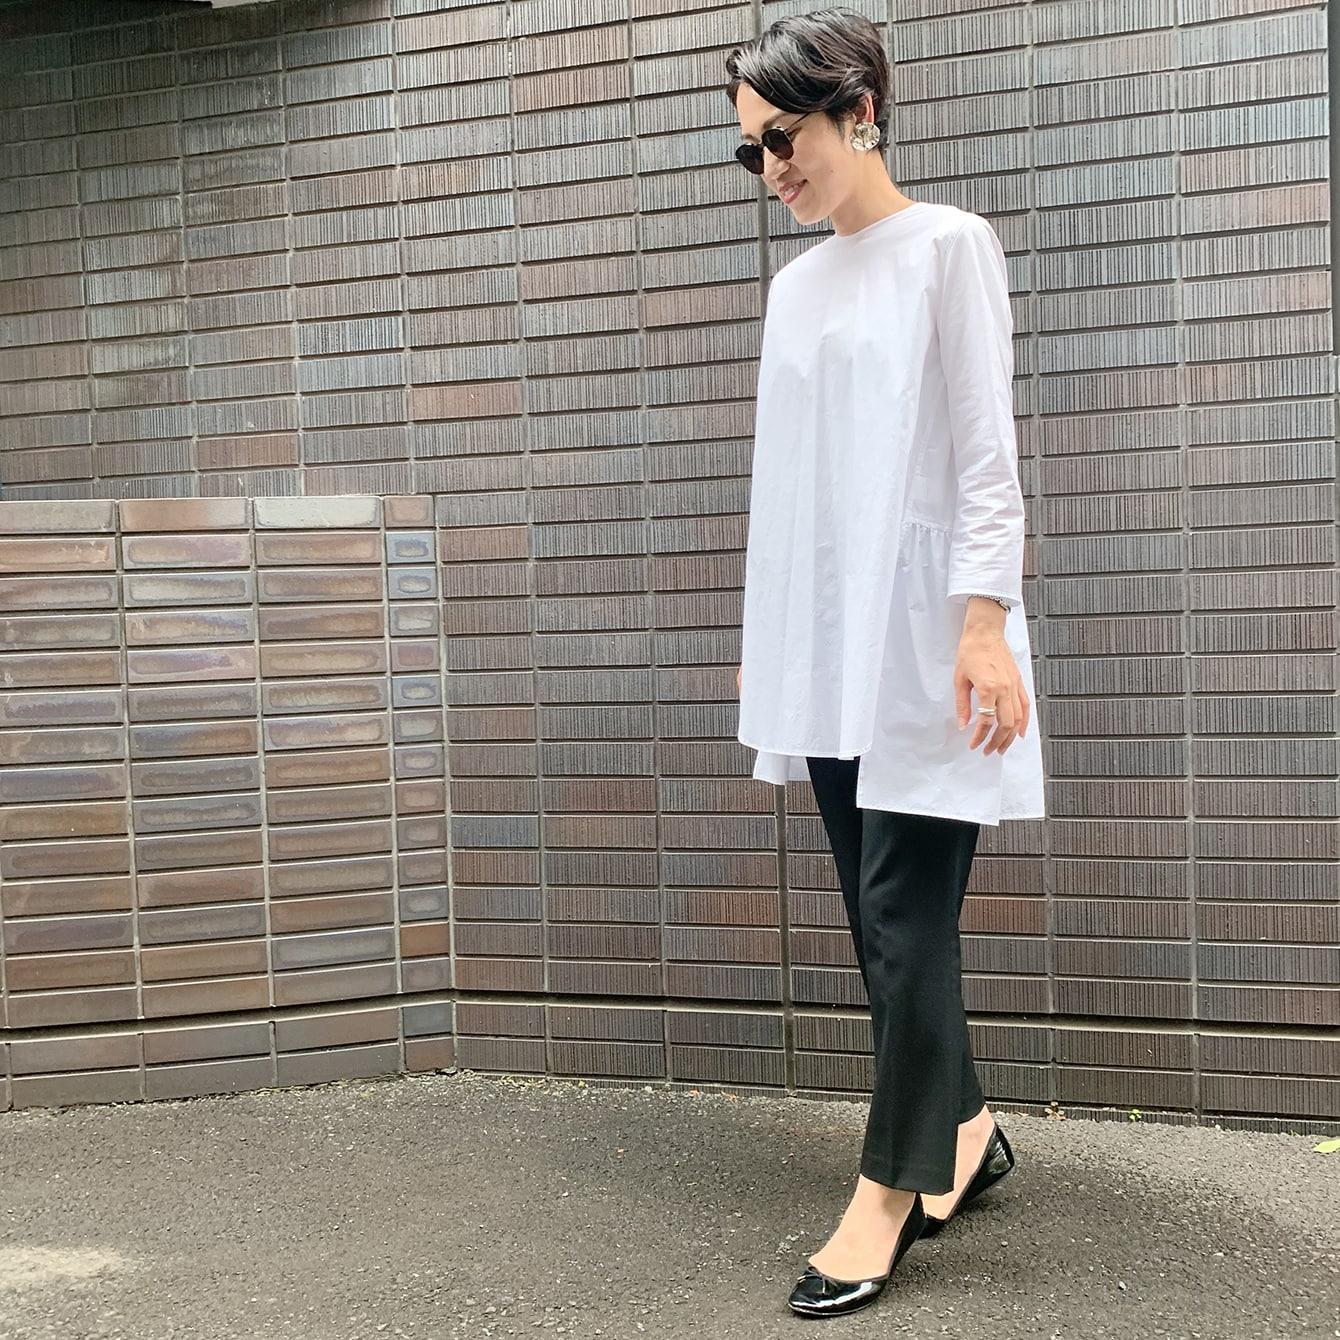 【ユニクロ】辛口シンプル派が買った春のヒットアイテム4選